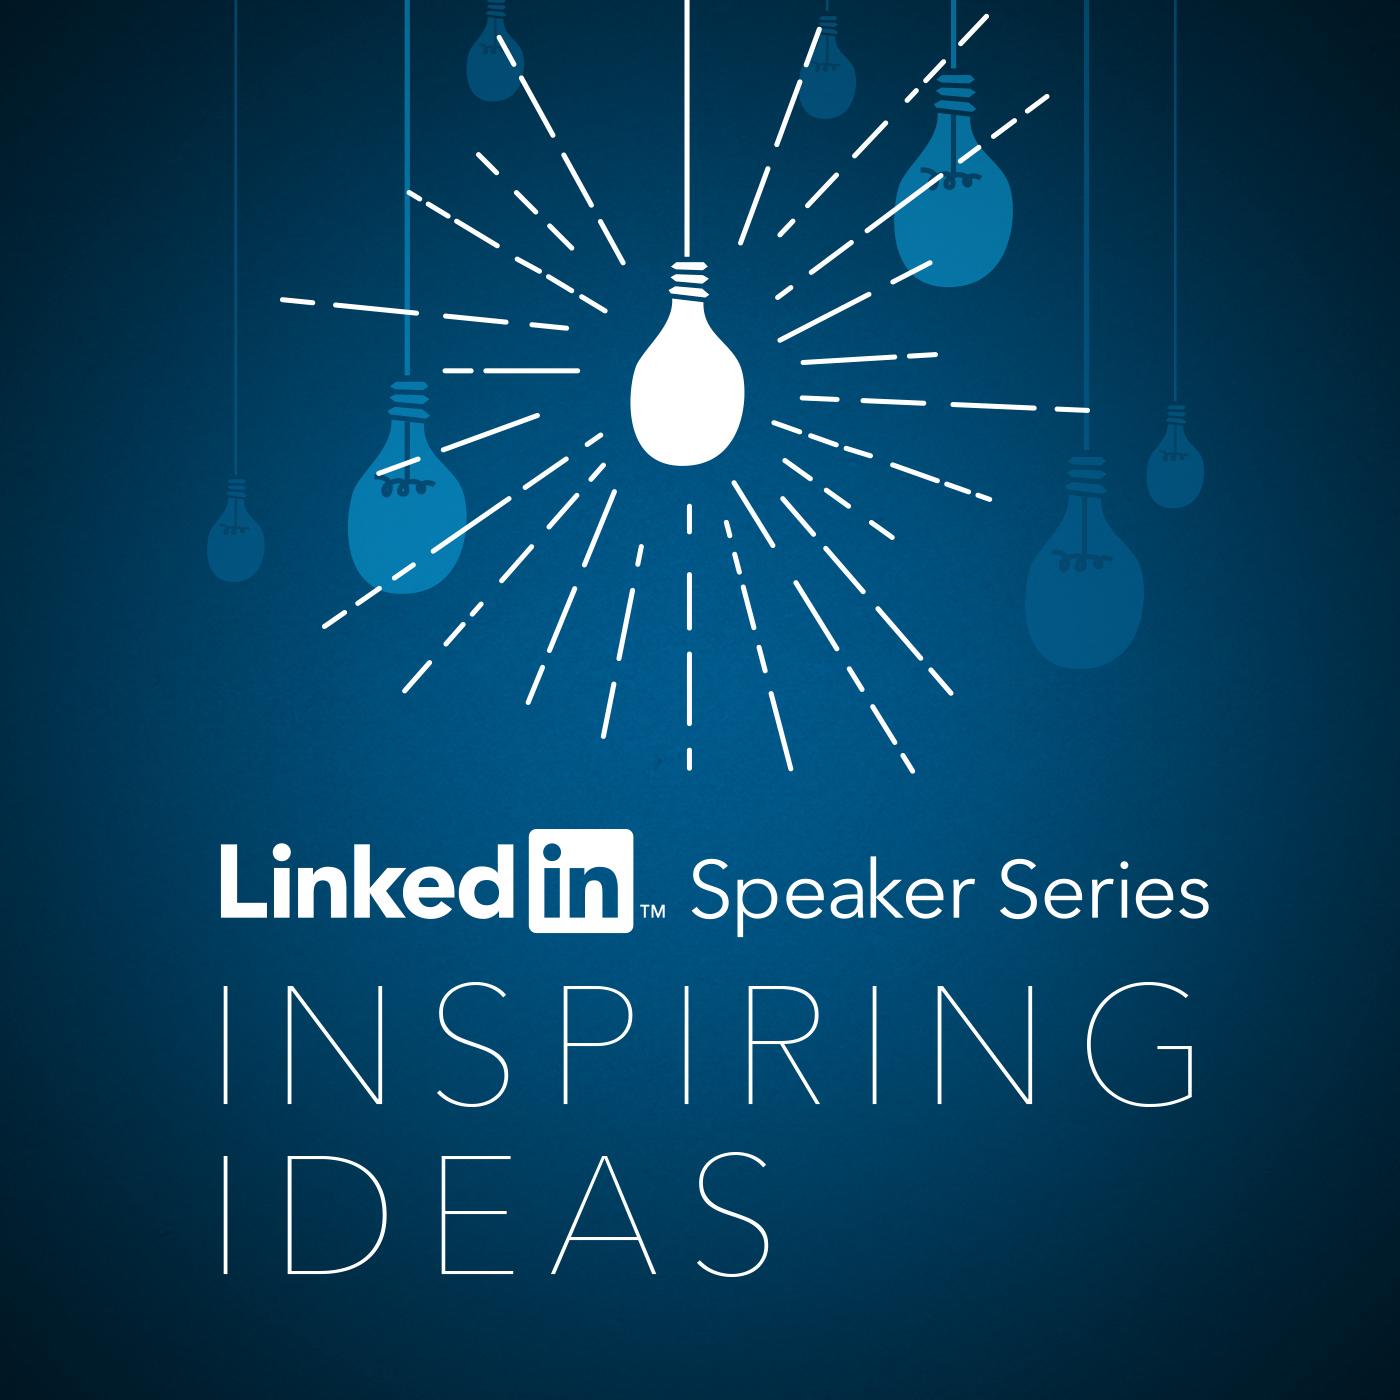 LinkedIn Speaker Series with Jeff Weiner, Reid Hoffman and Ben Casnocha - June 26, 2014